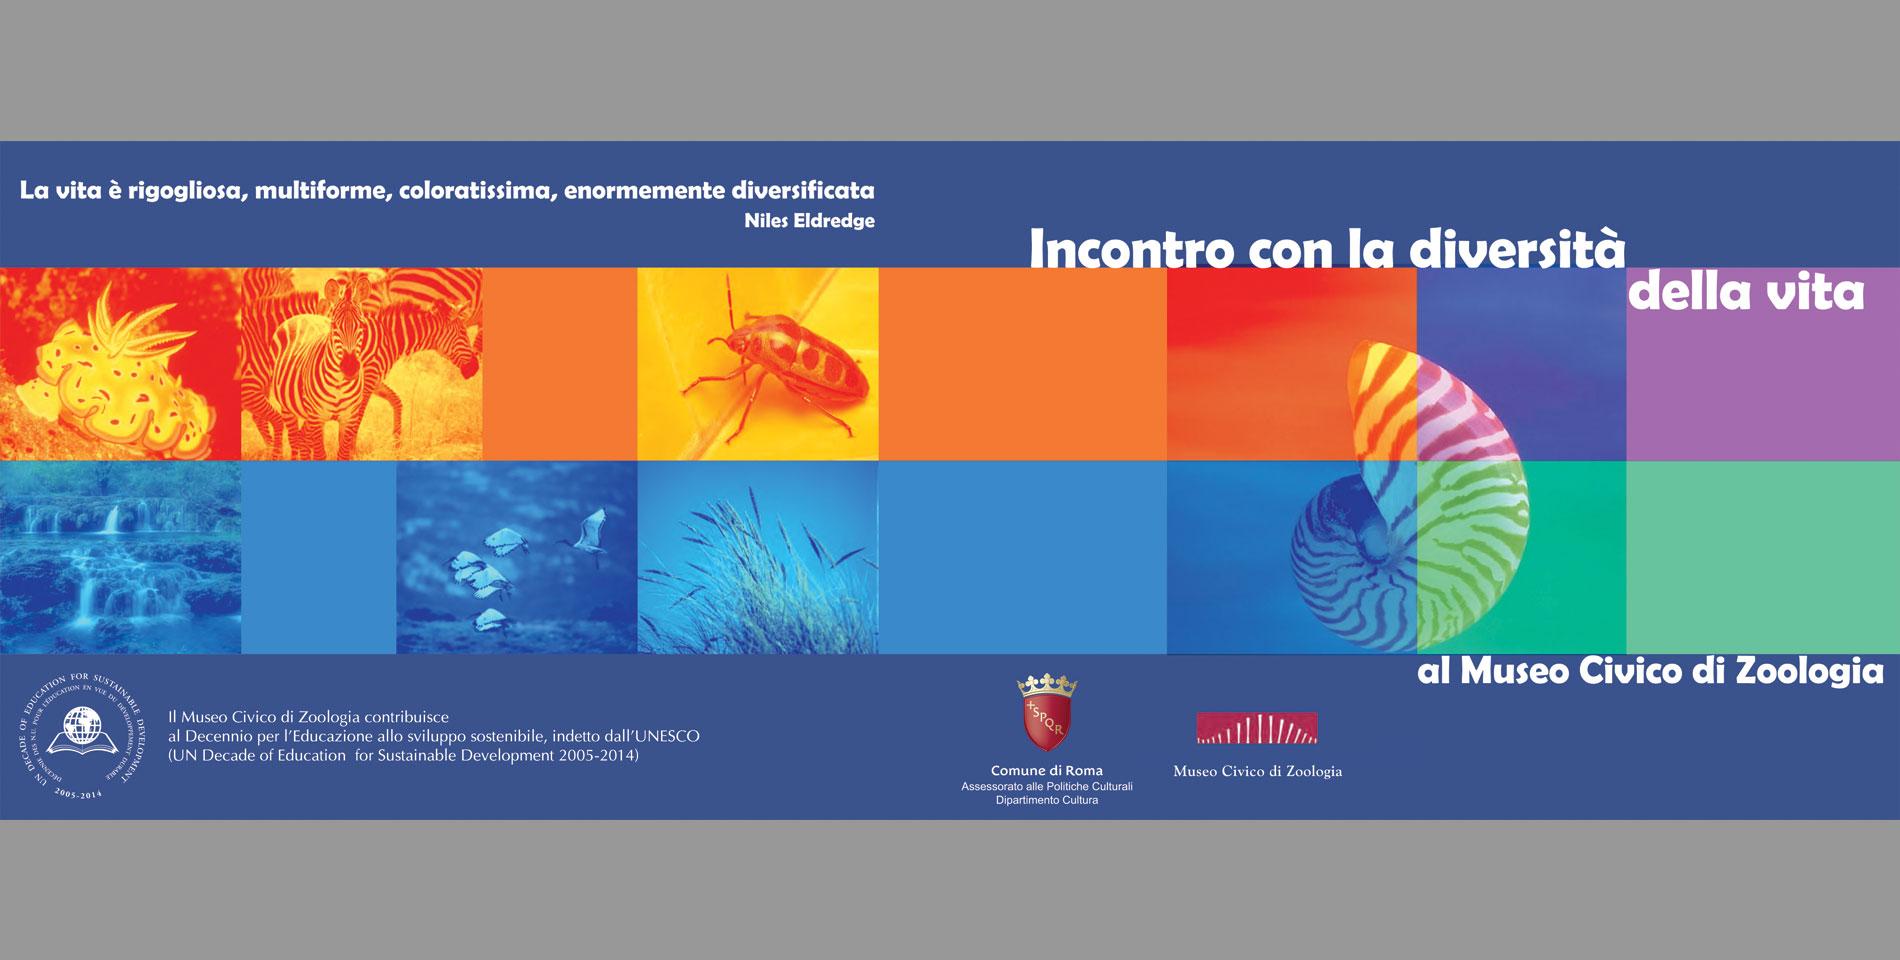 Copertina Incontro con la diversità della vita al Museo Civico di Zoologia